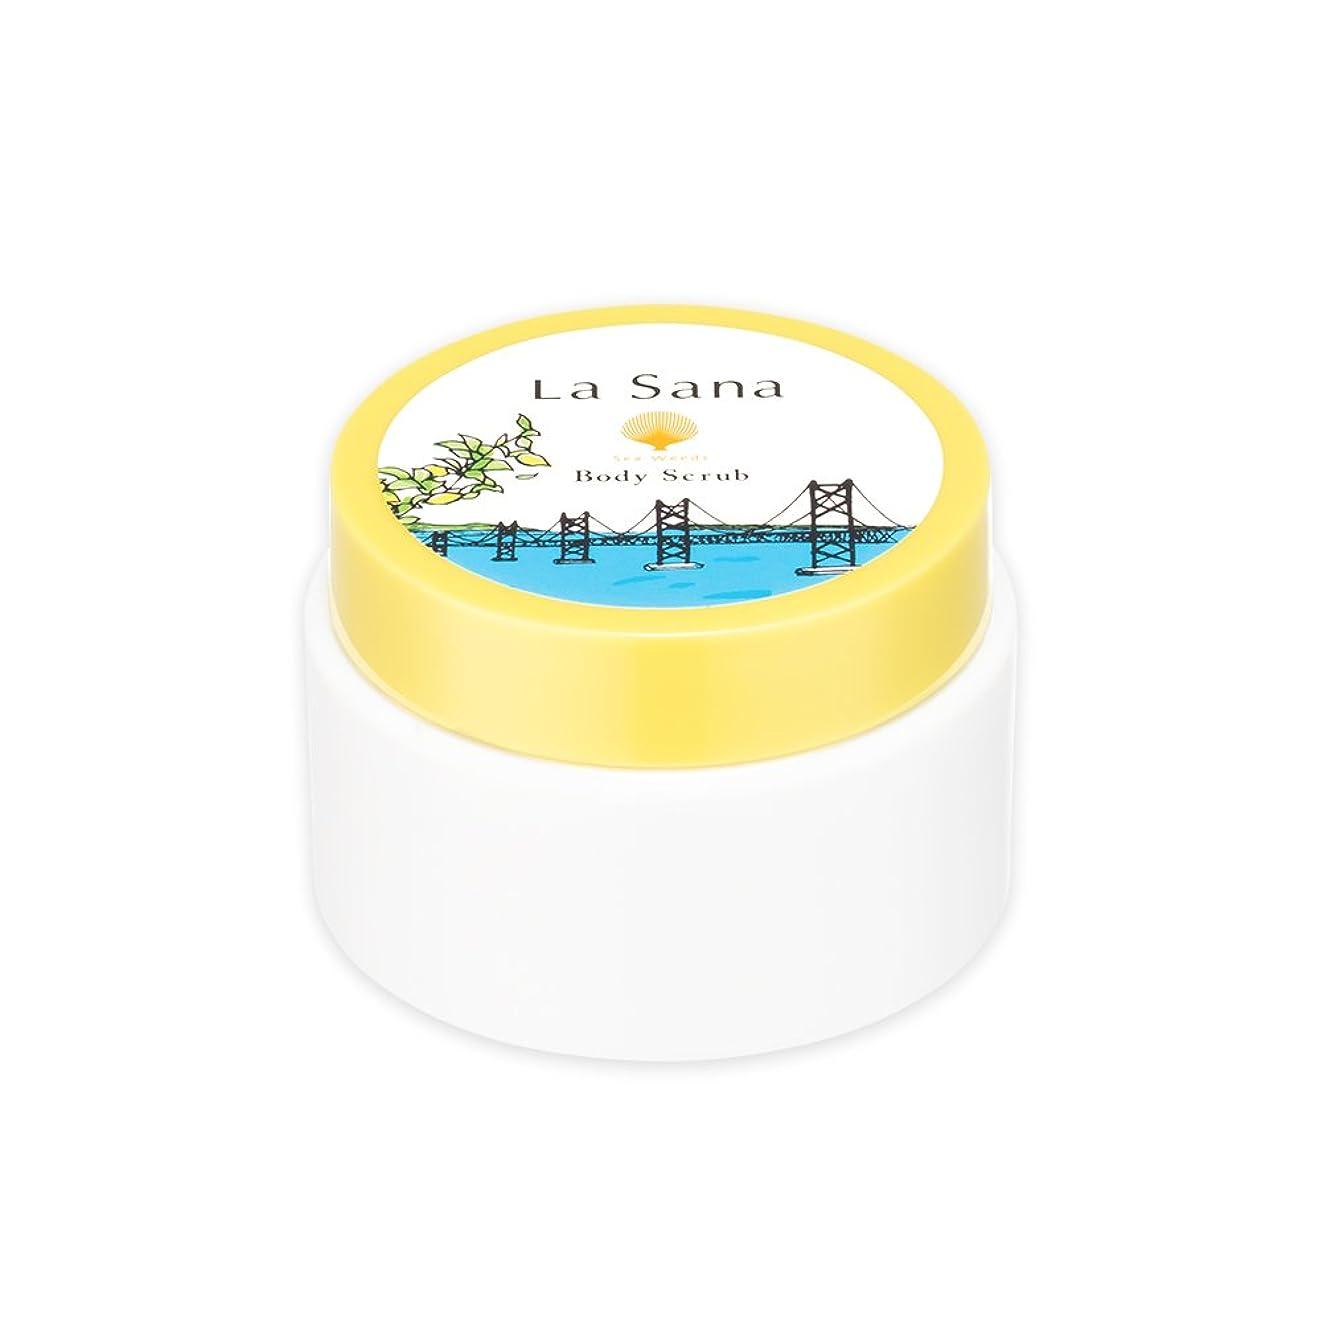 傑作解釈的コットンラサーナ La sana 海藻 ボディ スクラブ 100g 限定 瀬戸内レモンの香り ボディケア 日本製 (約1ヵ月分)